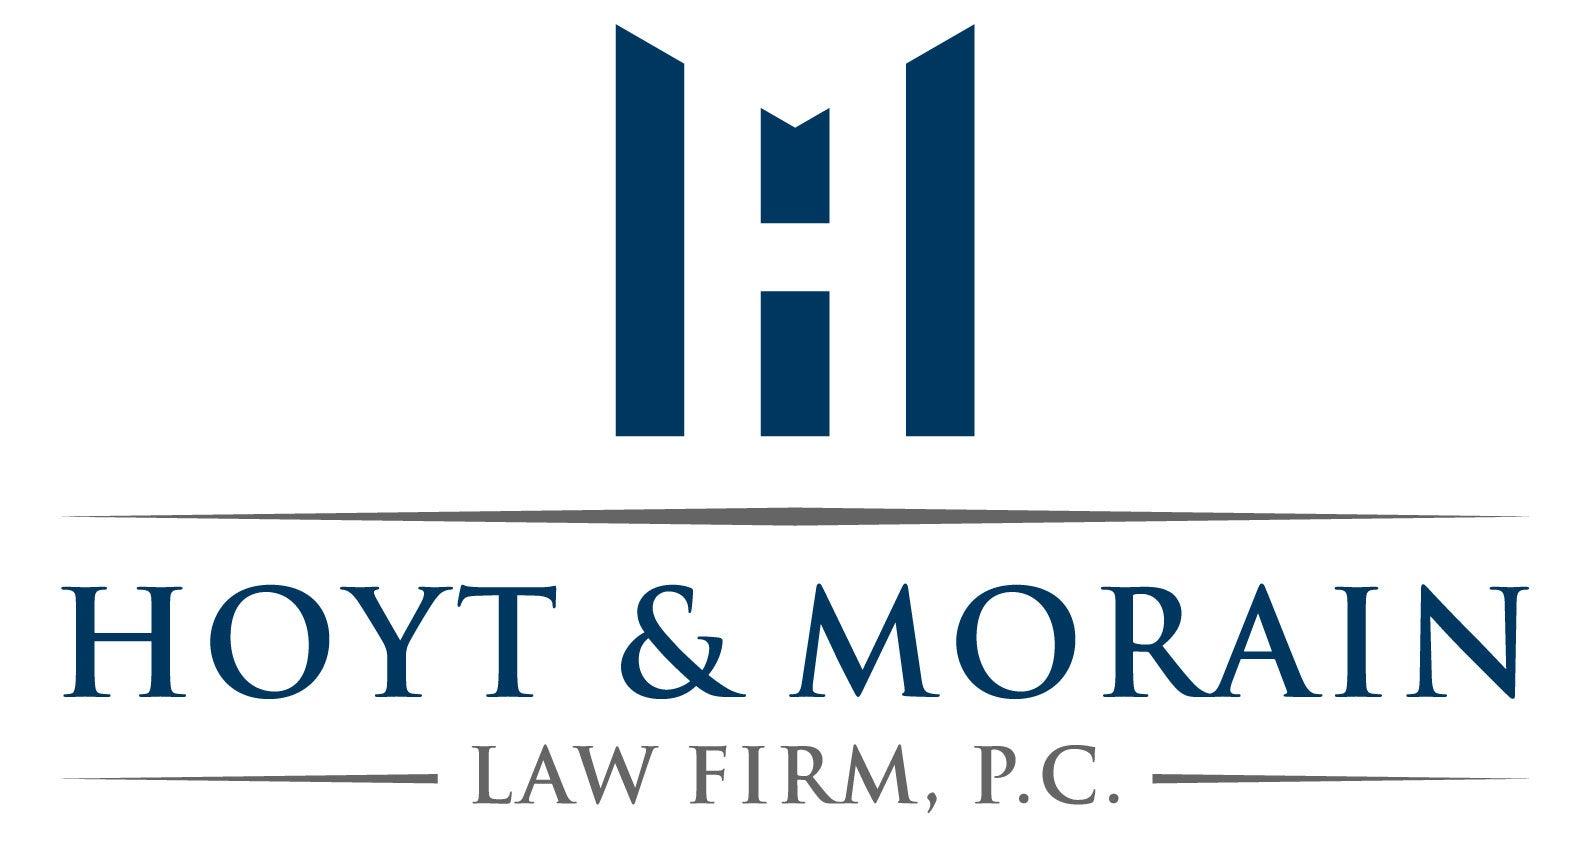 Hoyt & Morain Law Firm, P.C.